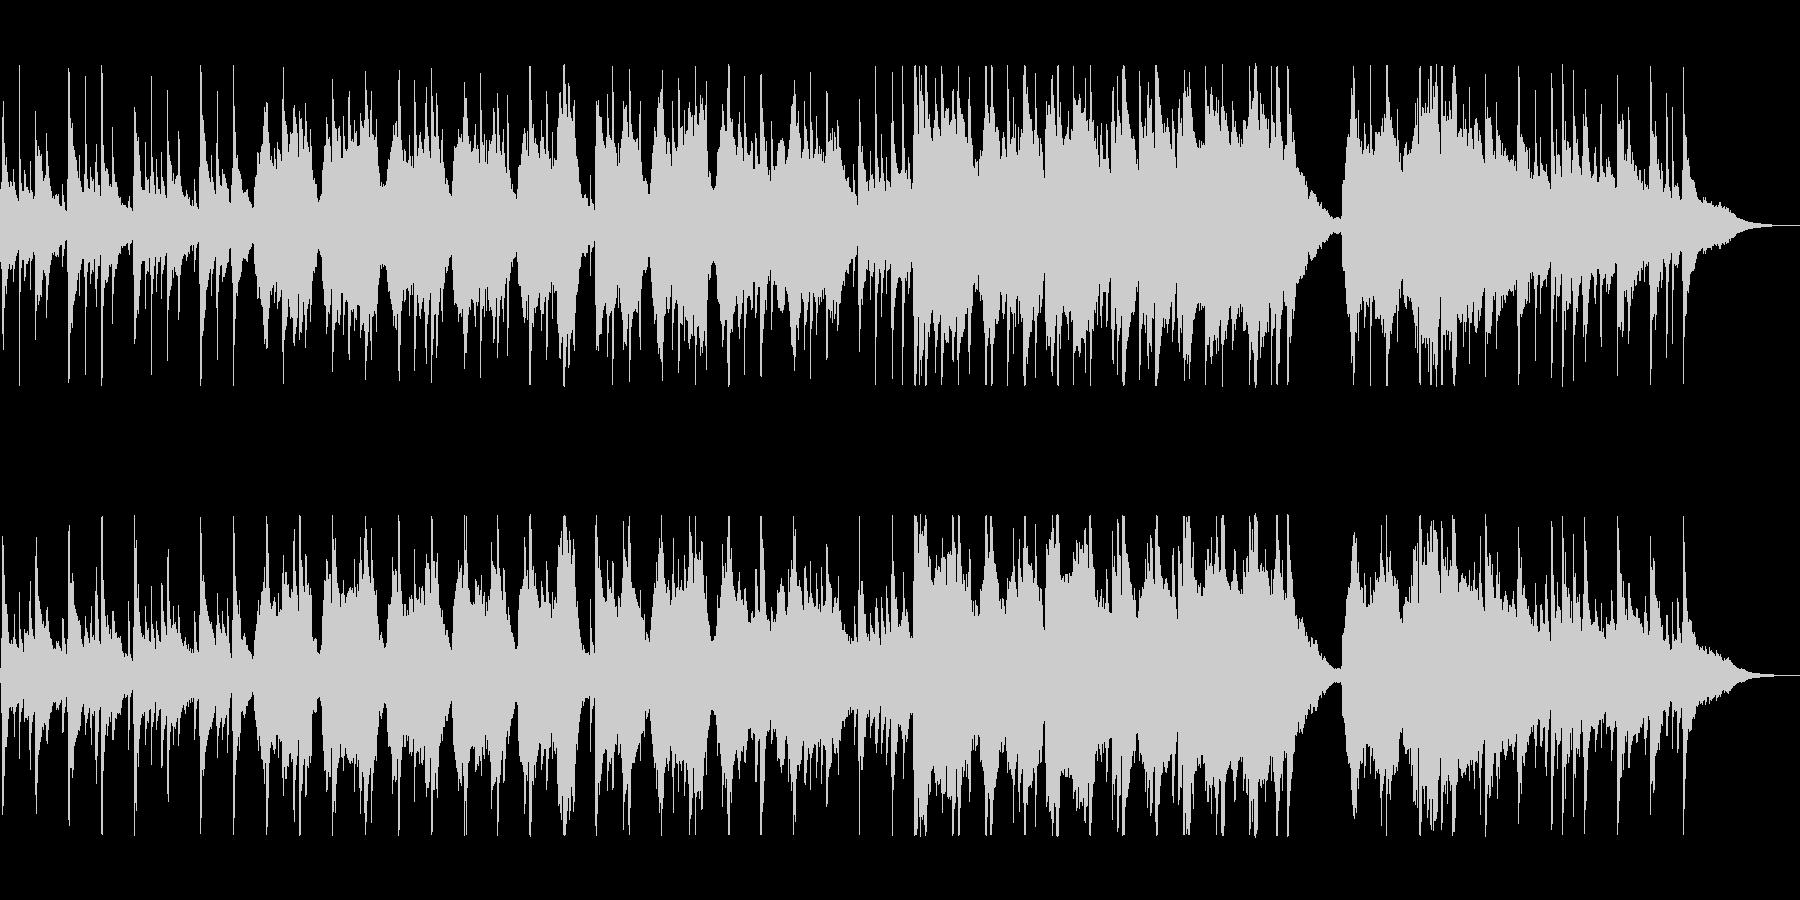 ゆったりとリラックスできるケルト音楽の未再生の波形